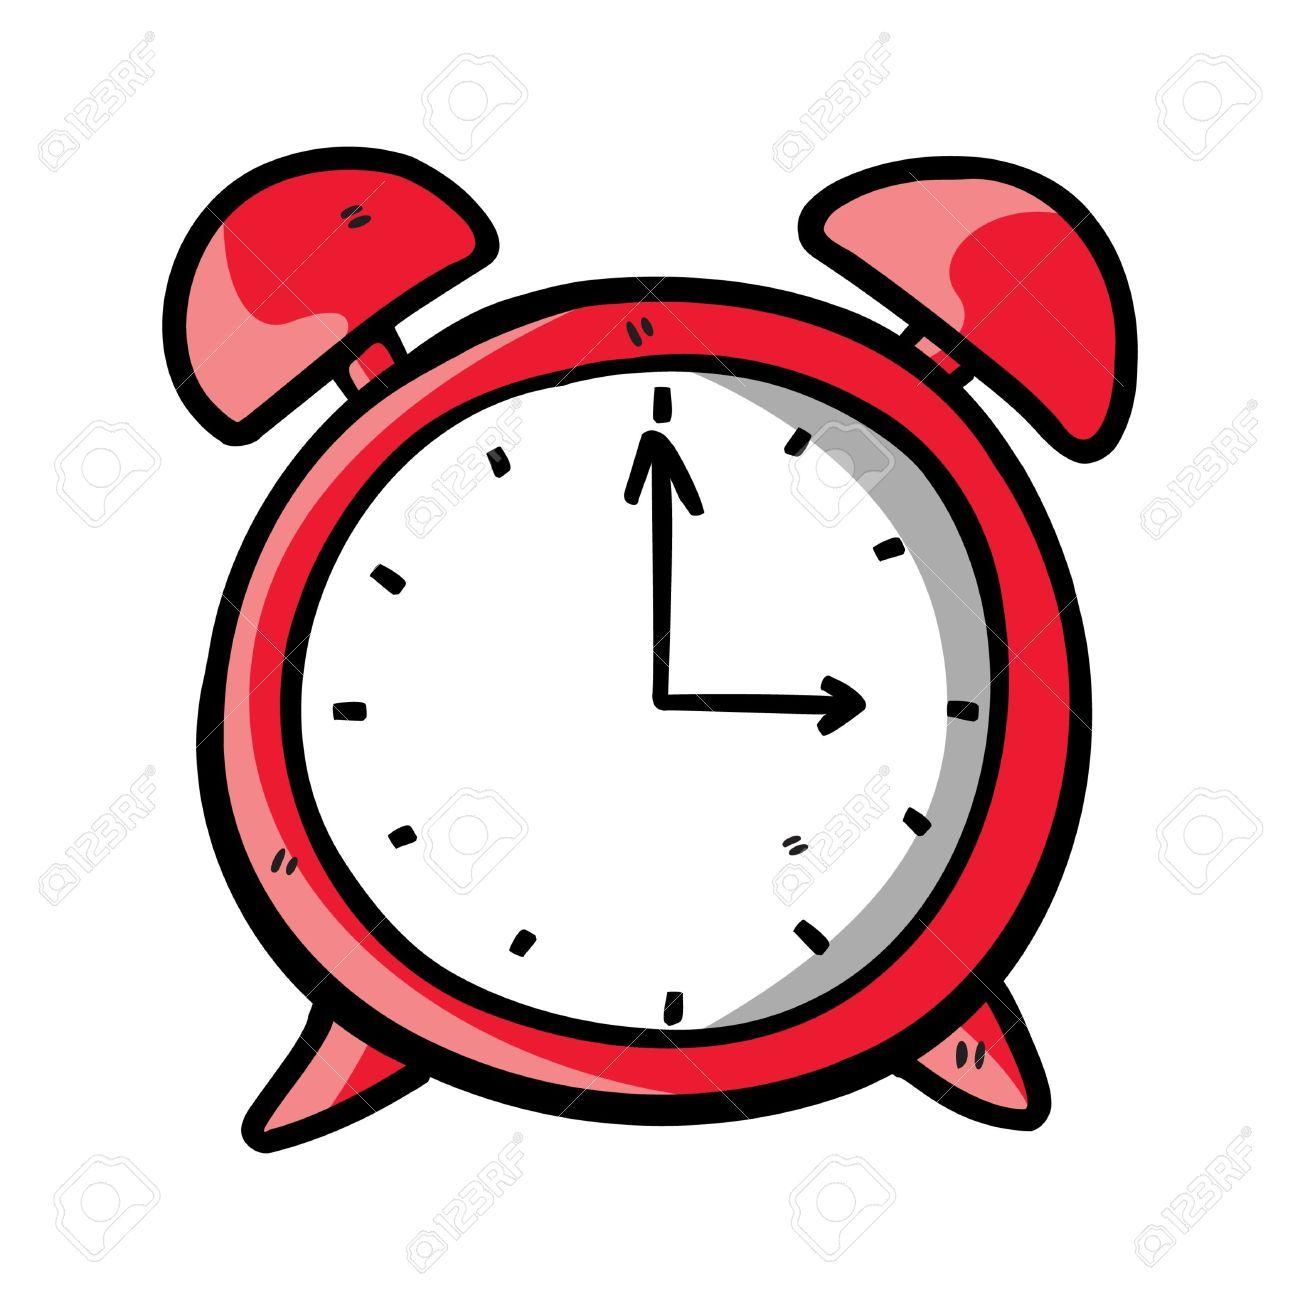 reloj dibujado color rojo ilustraciones vectoriales